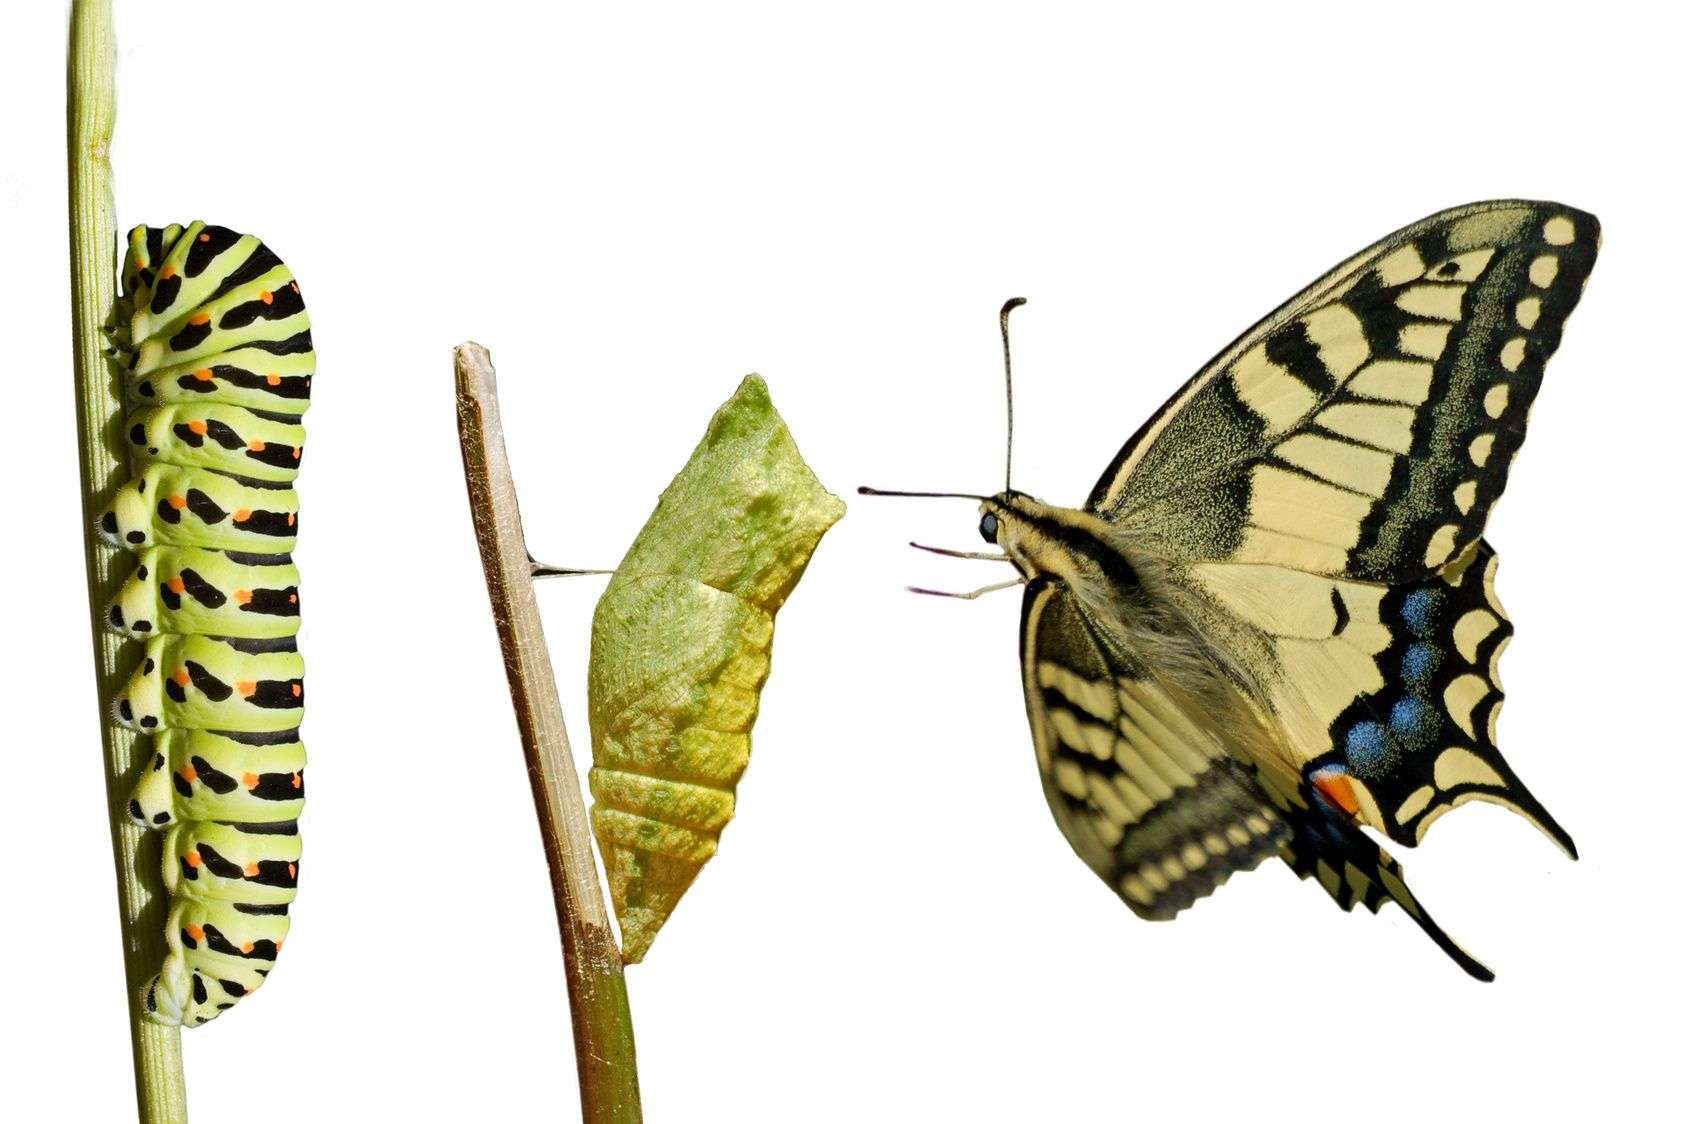 Δυσκολίες προσαρμογής και αντιμετώπιση αλλαγών